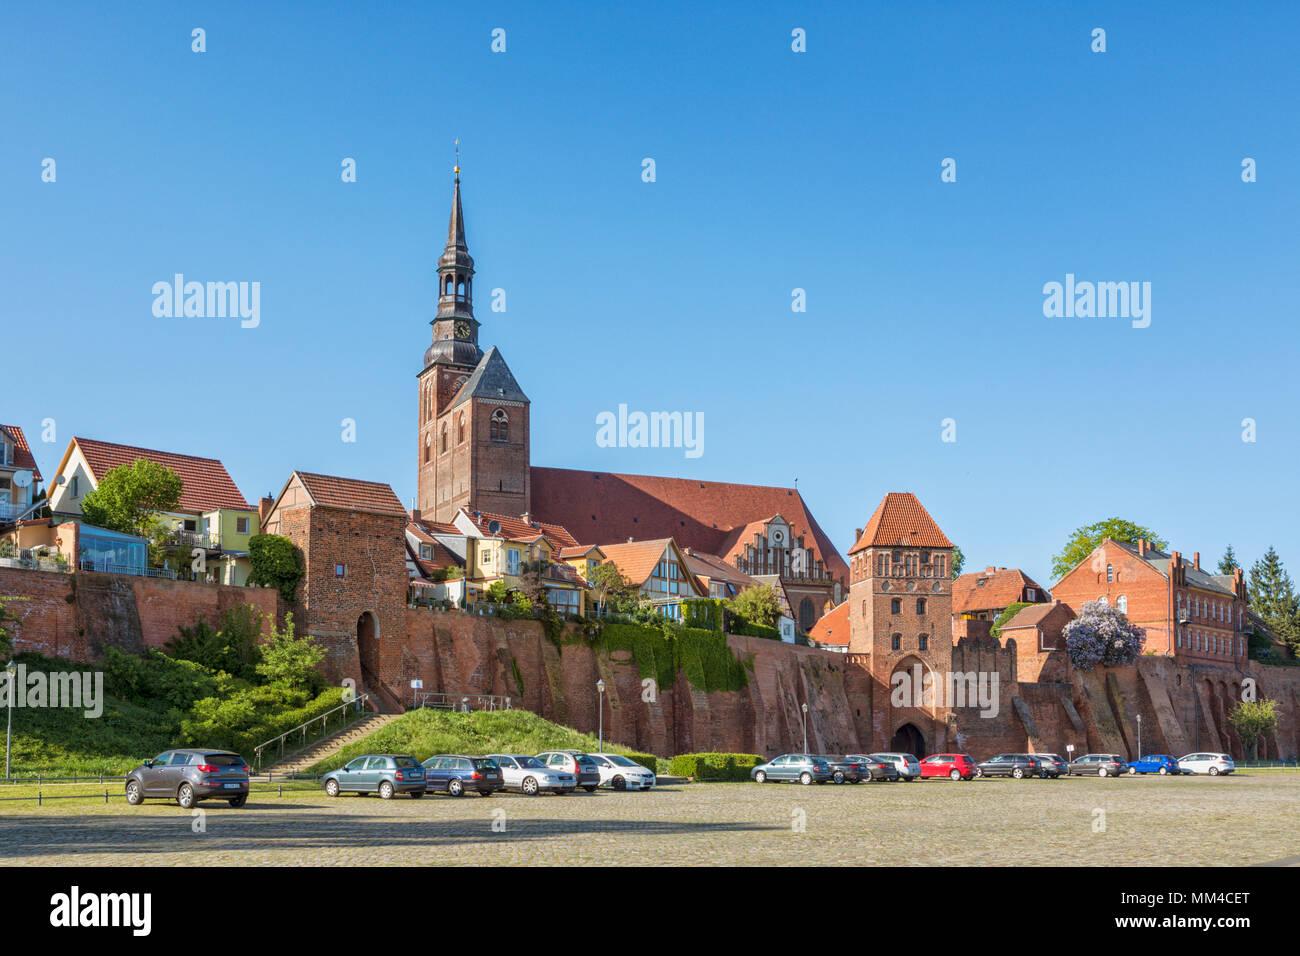 Paesaggio urbano di Tangermünde, Sassonia-Anhalt, Germania Immagini Stock